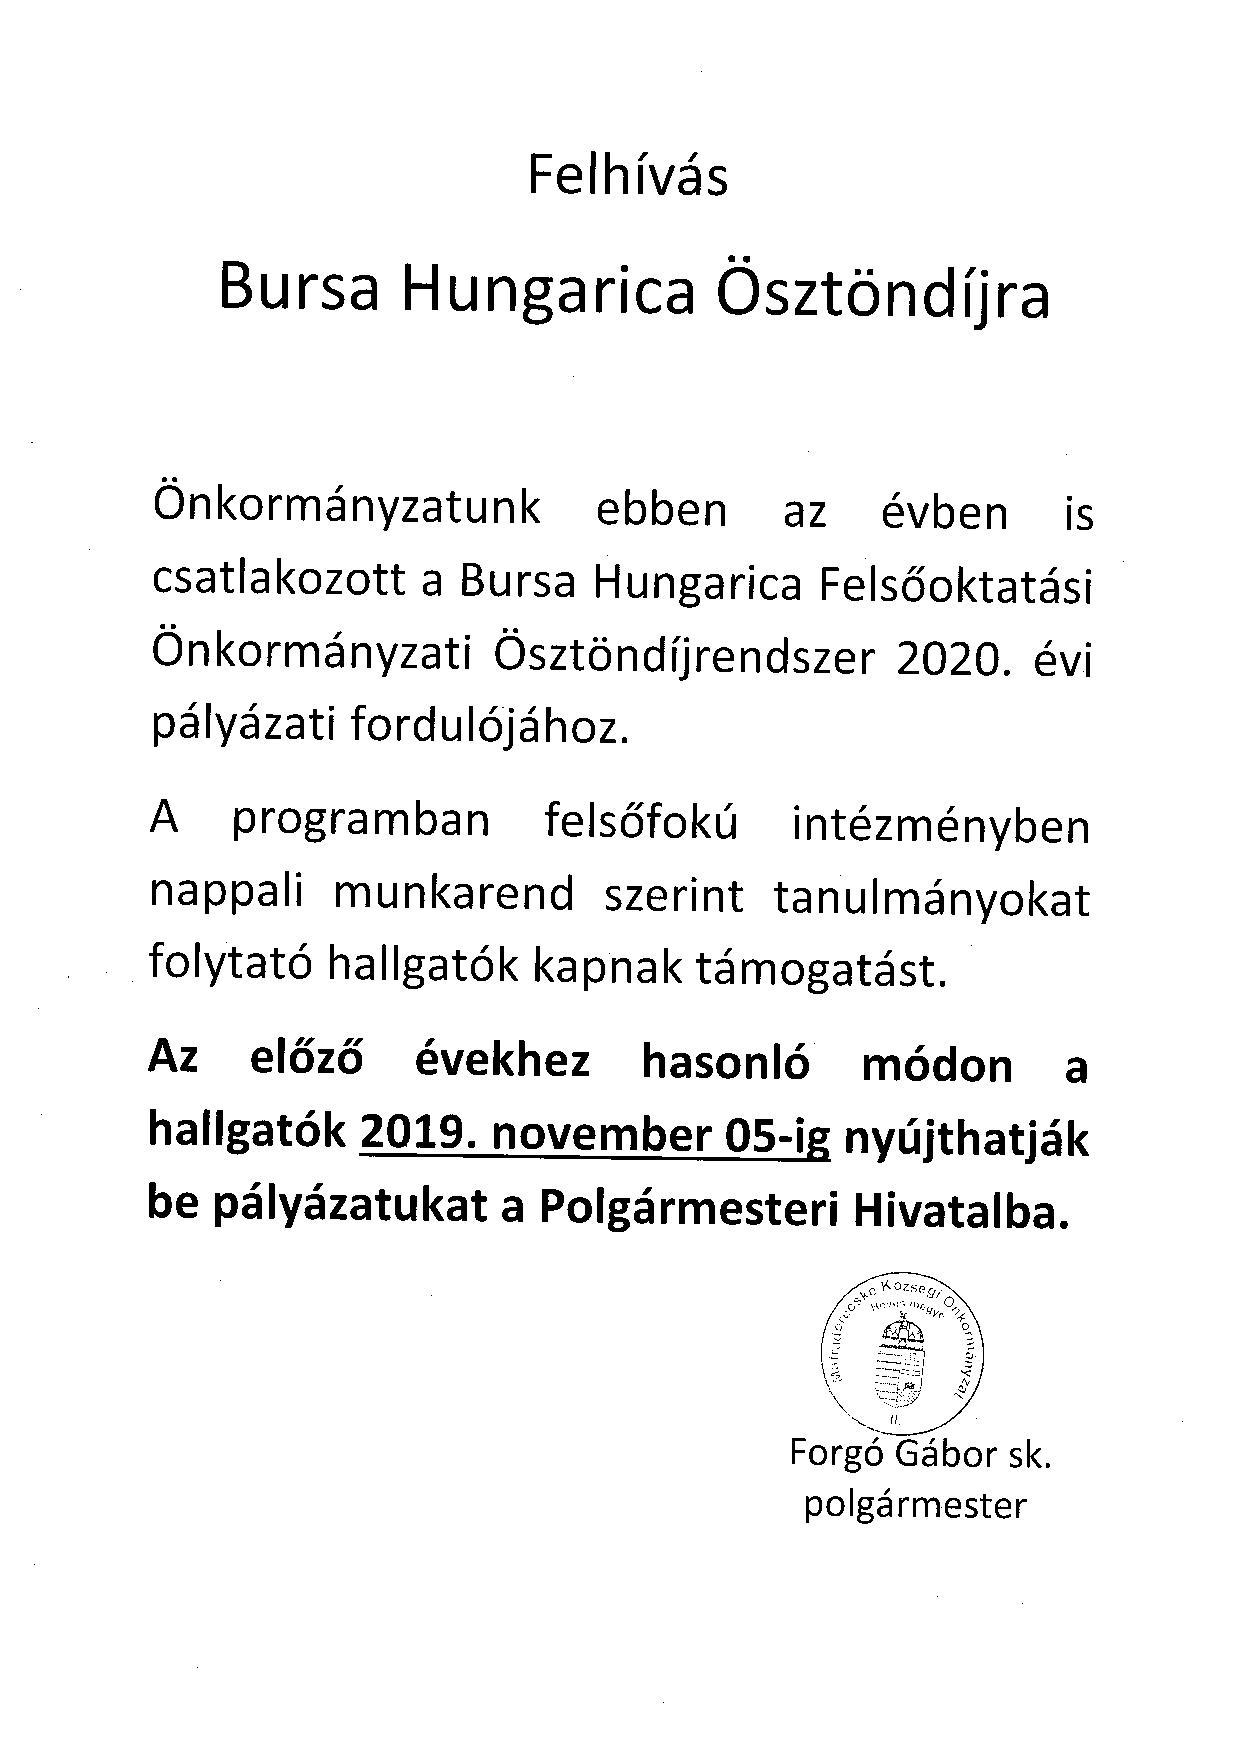 Bursa Hungarica ösztöndíj 2019